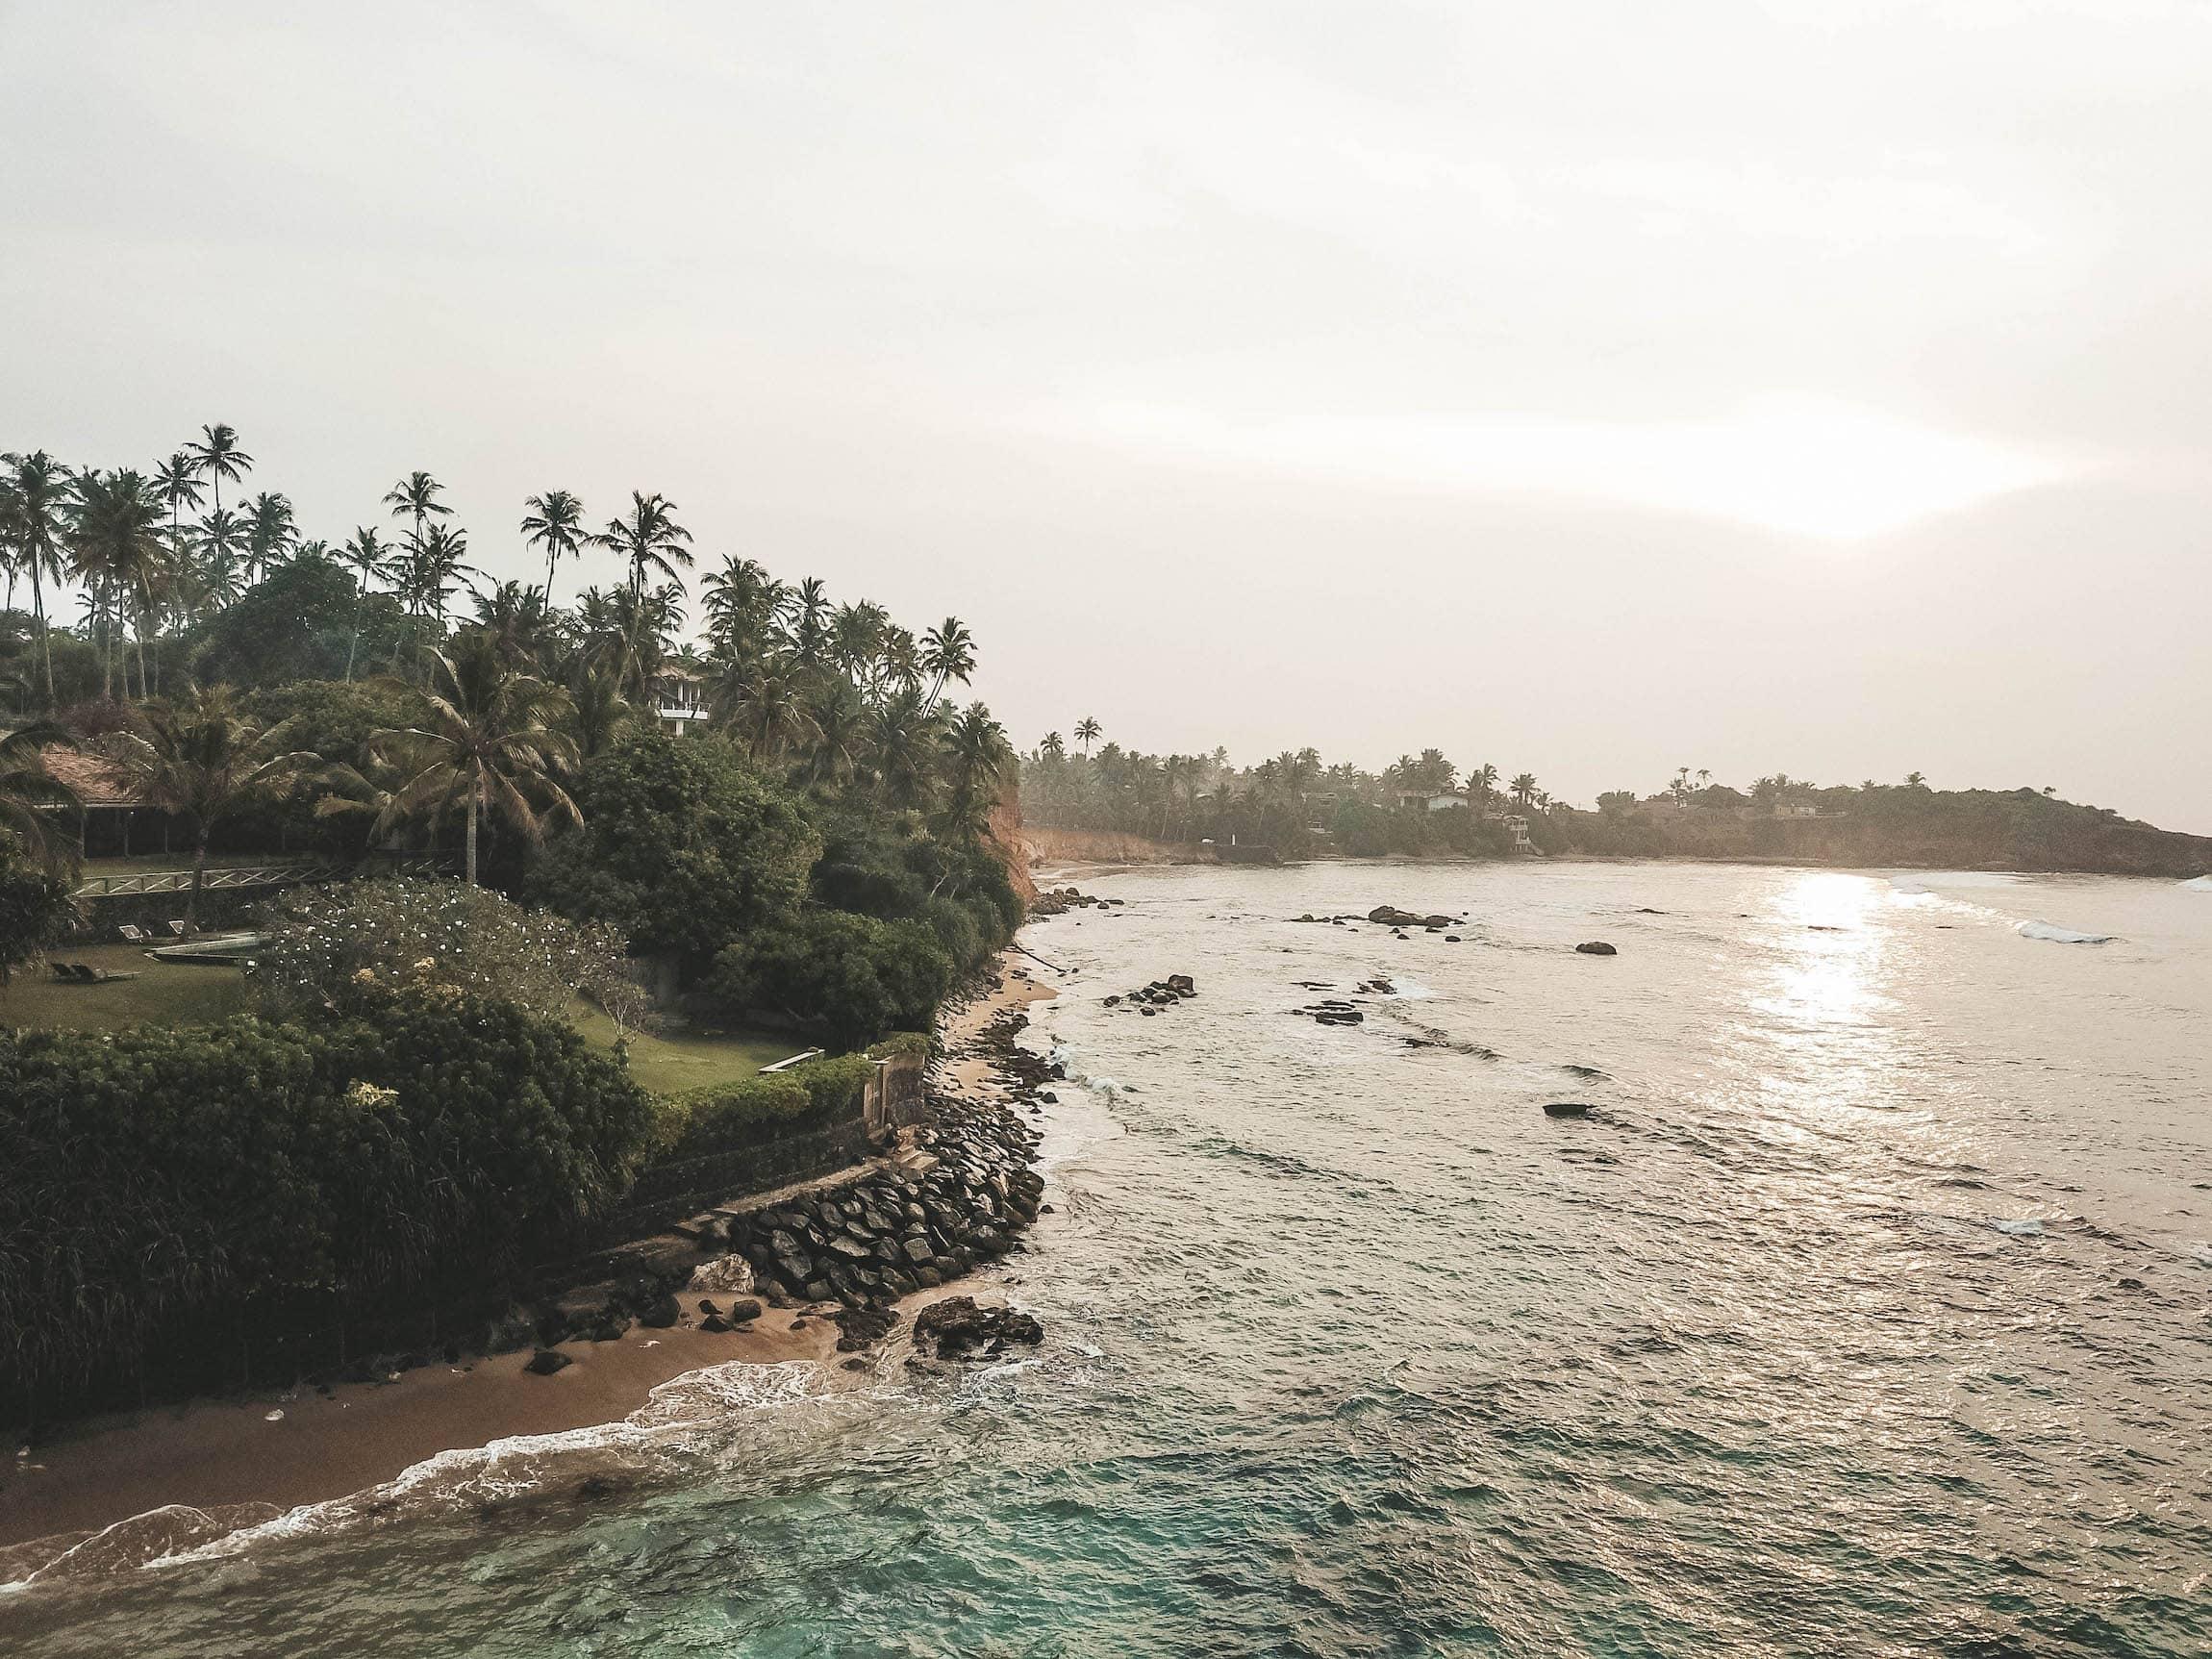 Fotografieren und filmen mit der Drohne